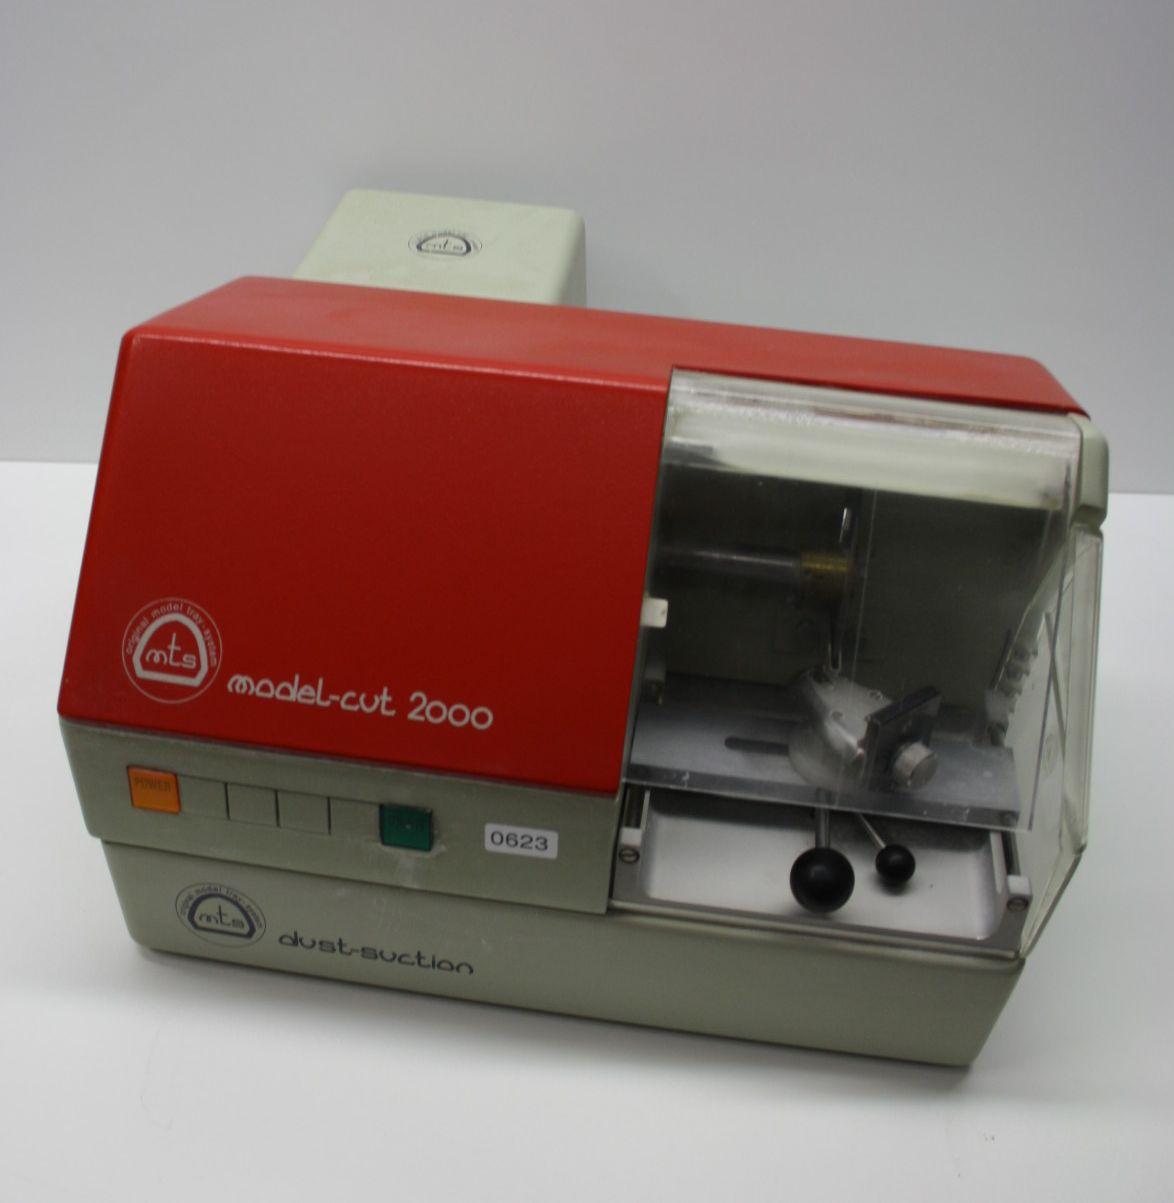 Modellsäge model-cut 2000 Model-tray mit Dust-suction # 623